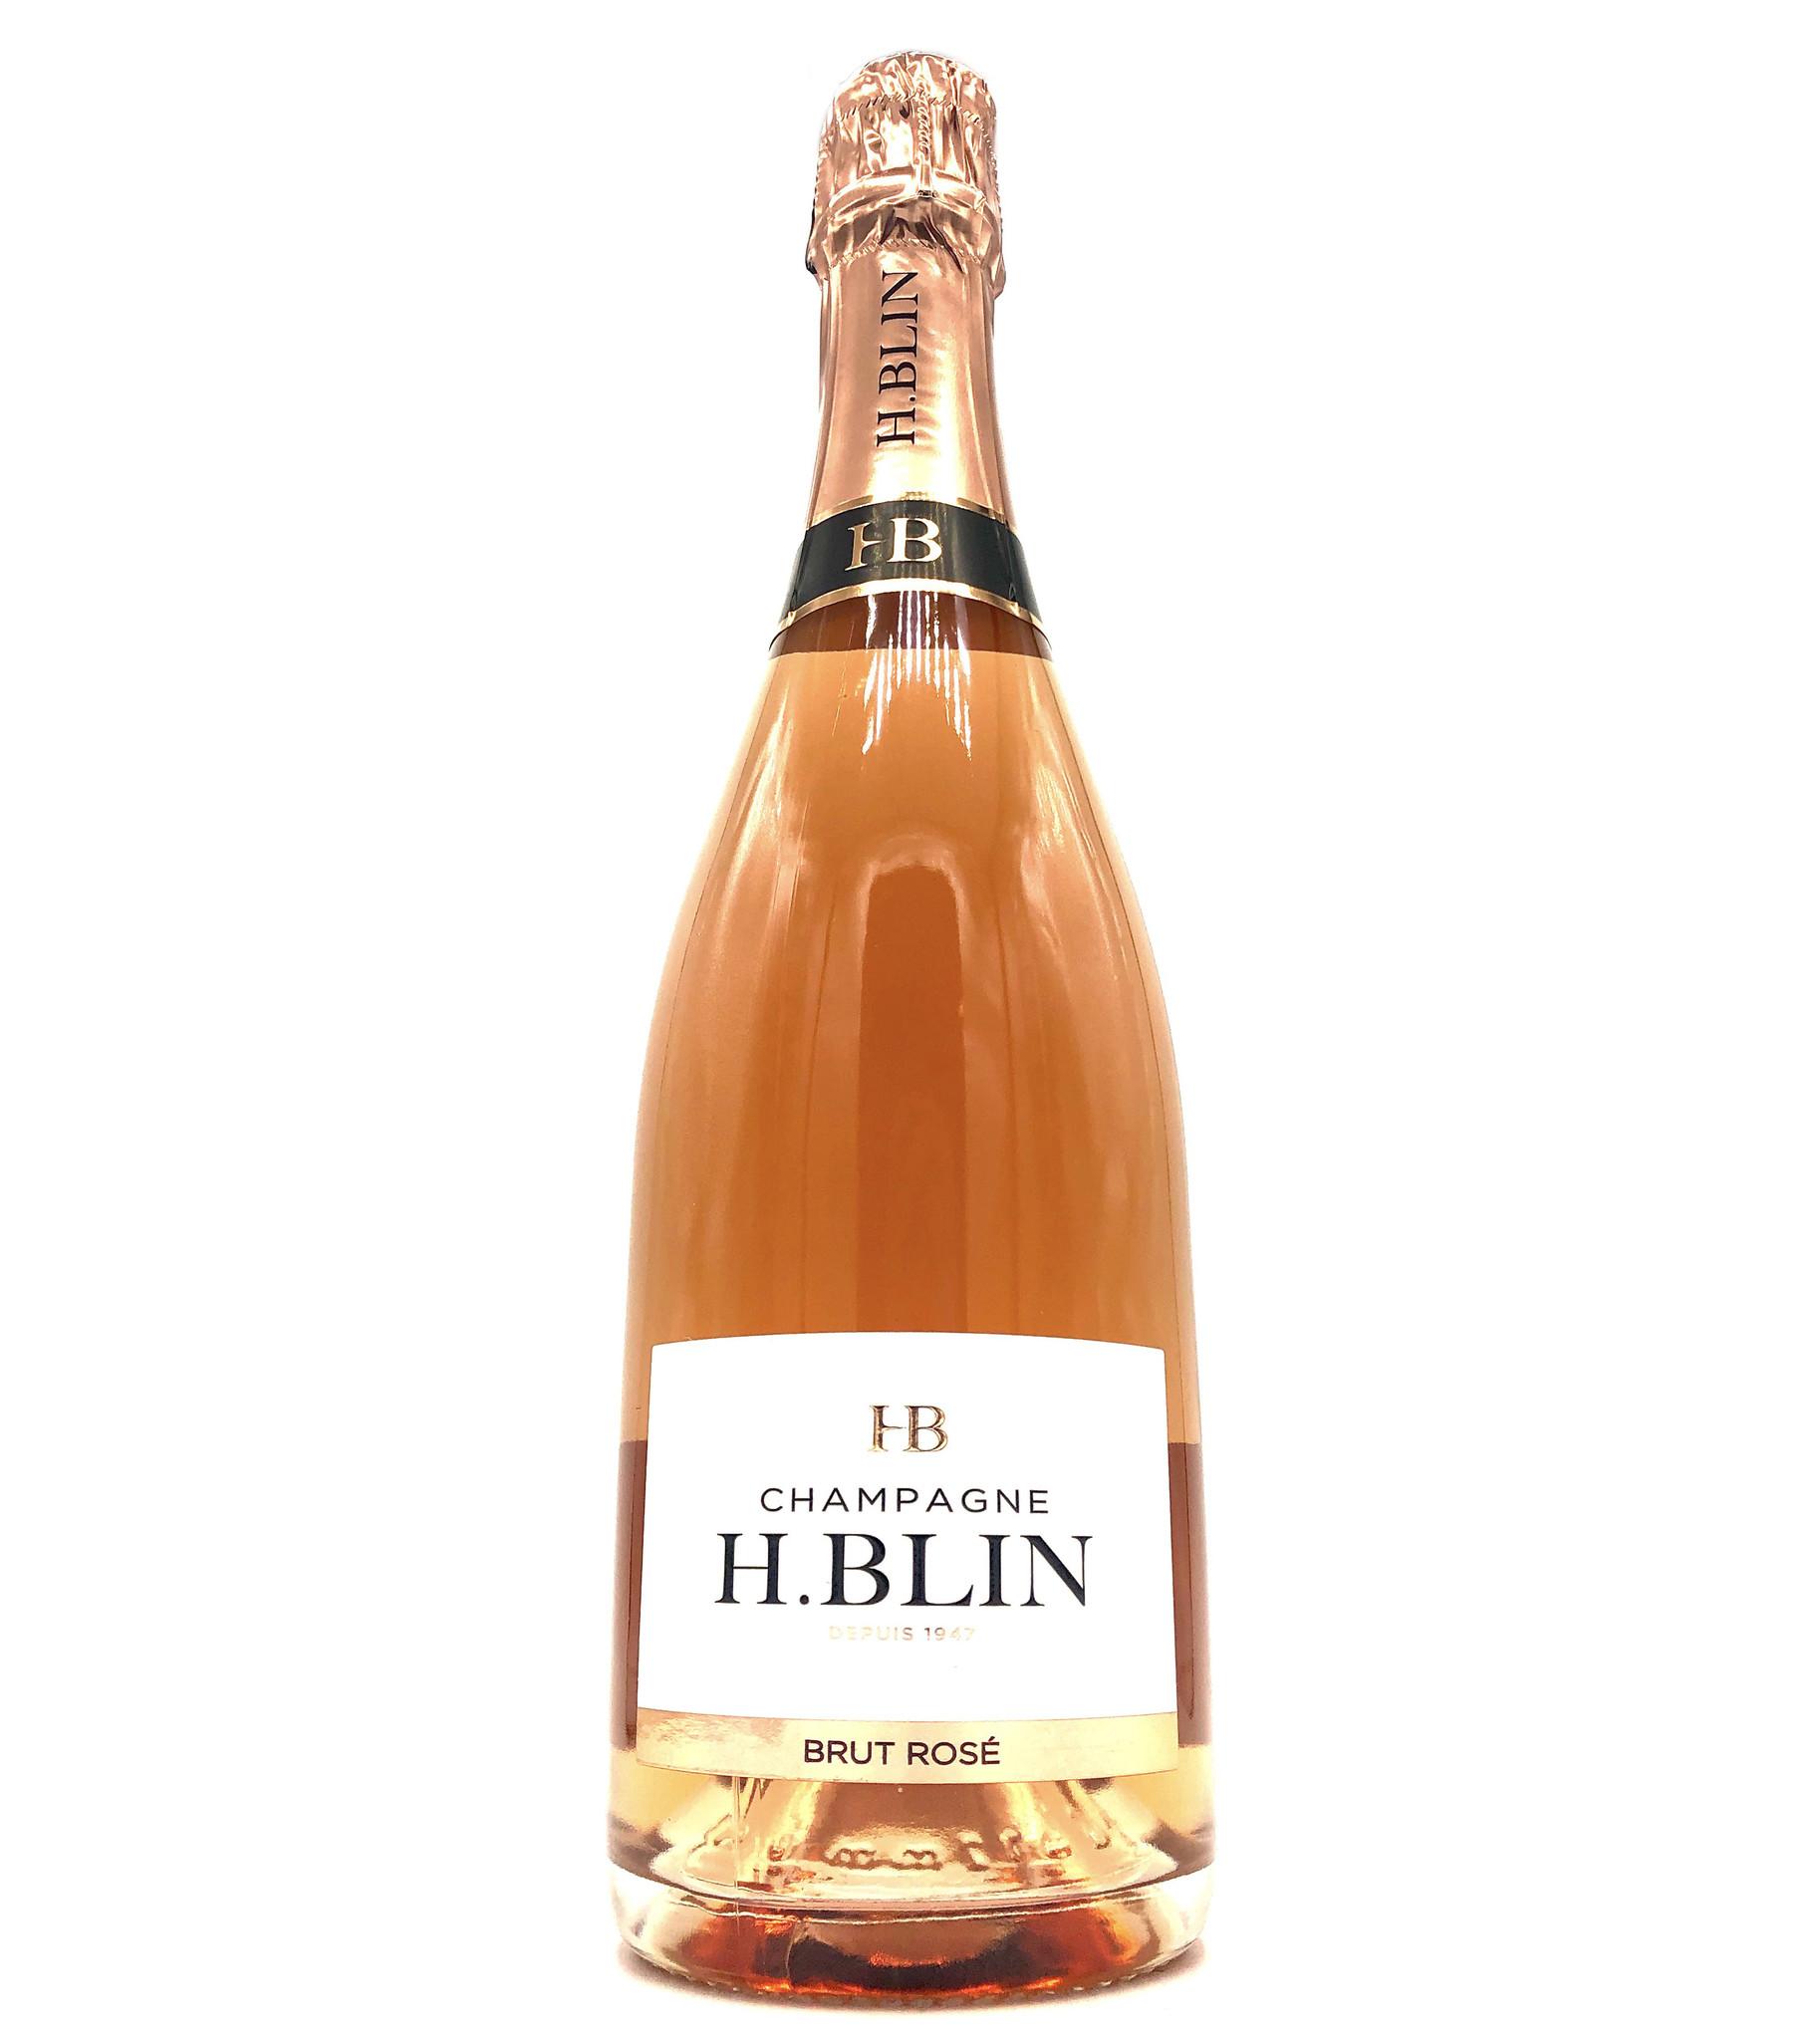 Champagne Brut Rosé NV H. Blin